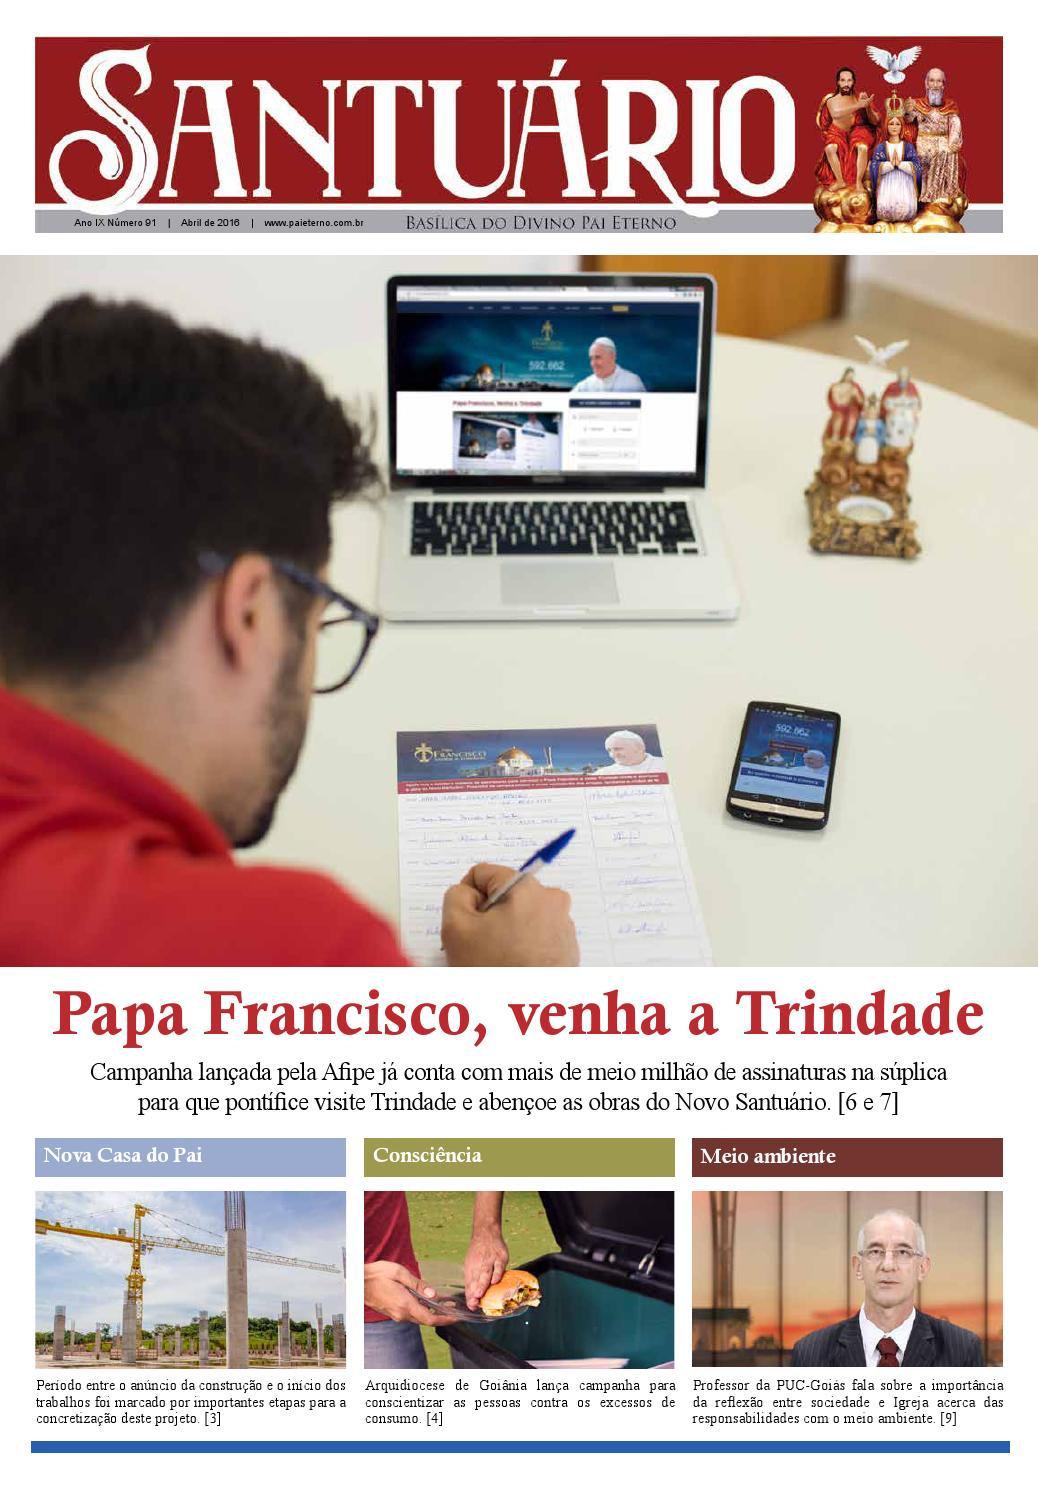 Jornal Santuario Nº 91 Abr 2016 By Santuario Basilica Do